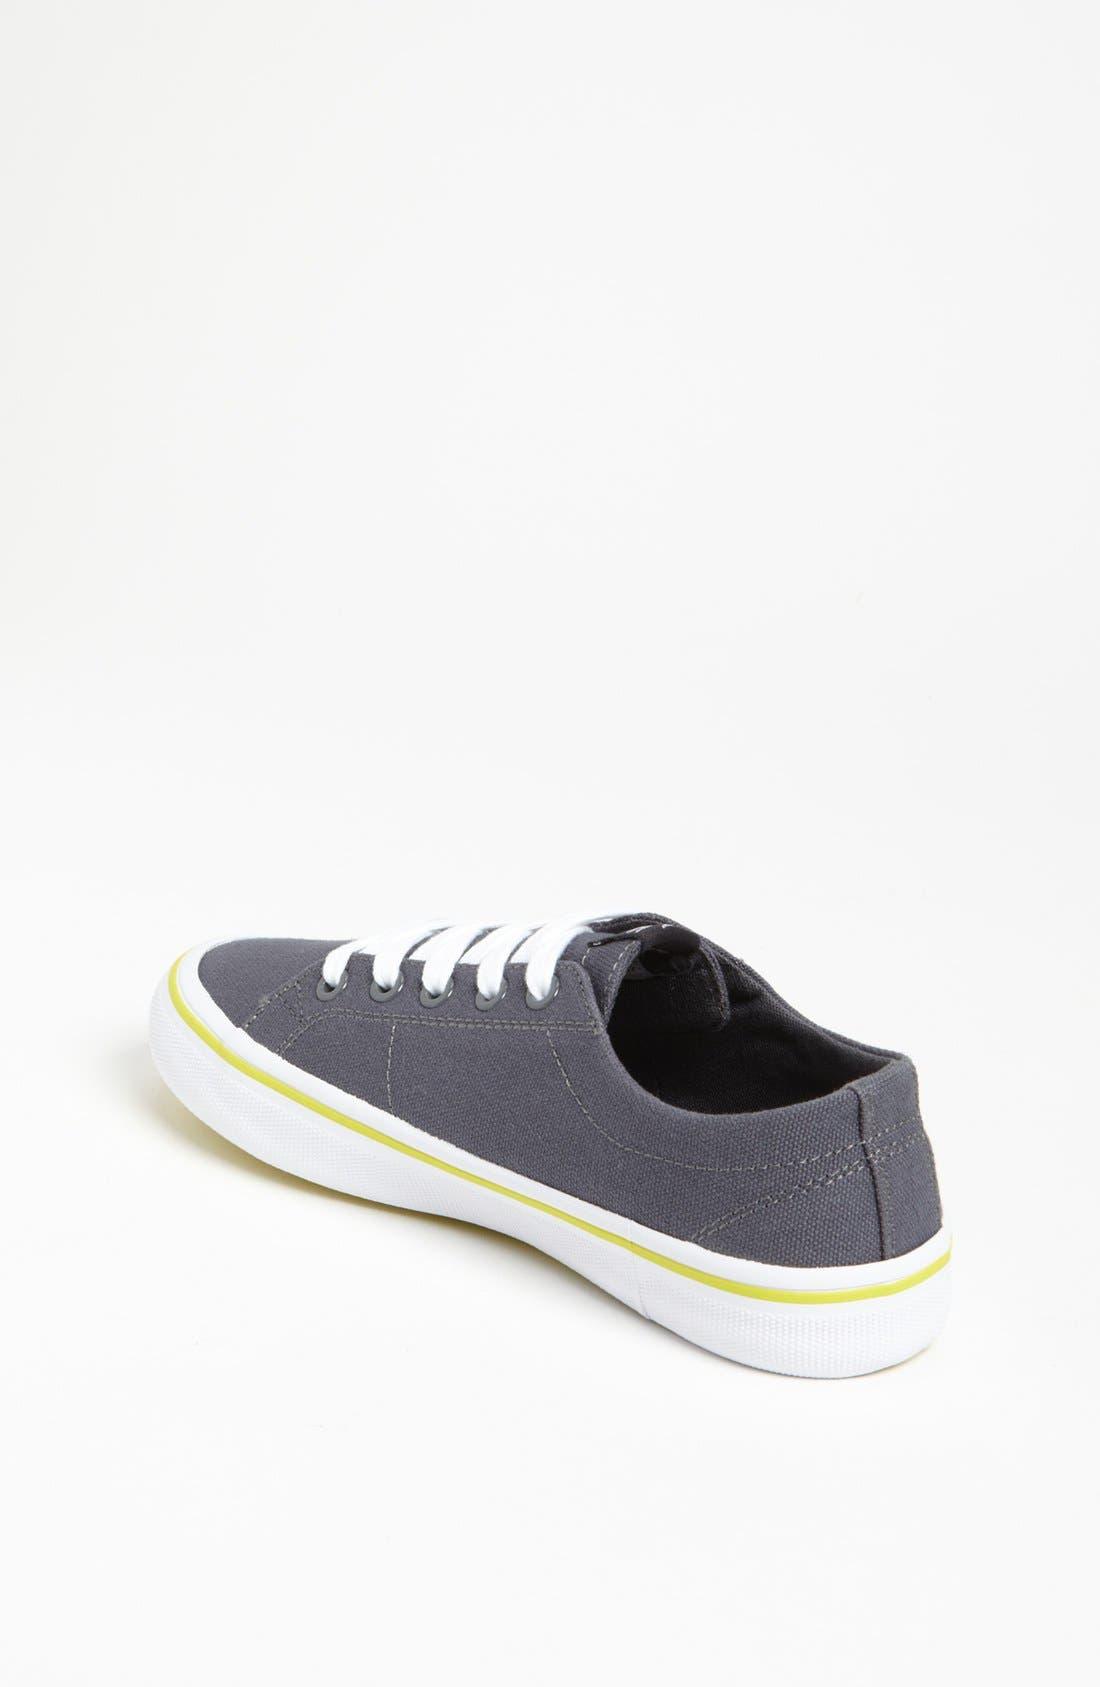 Alternate Image 2  - Lacoste 'Marcel' Sneaker (Toddler & Little Kid)